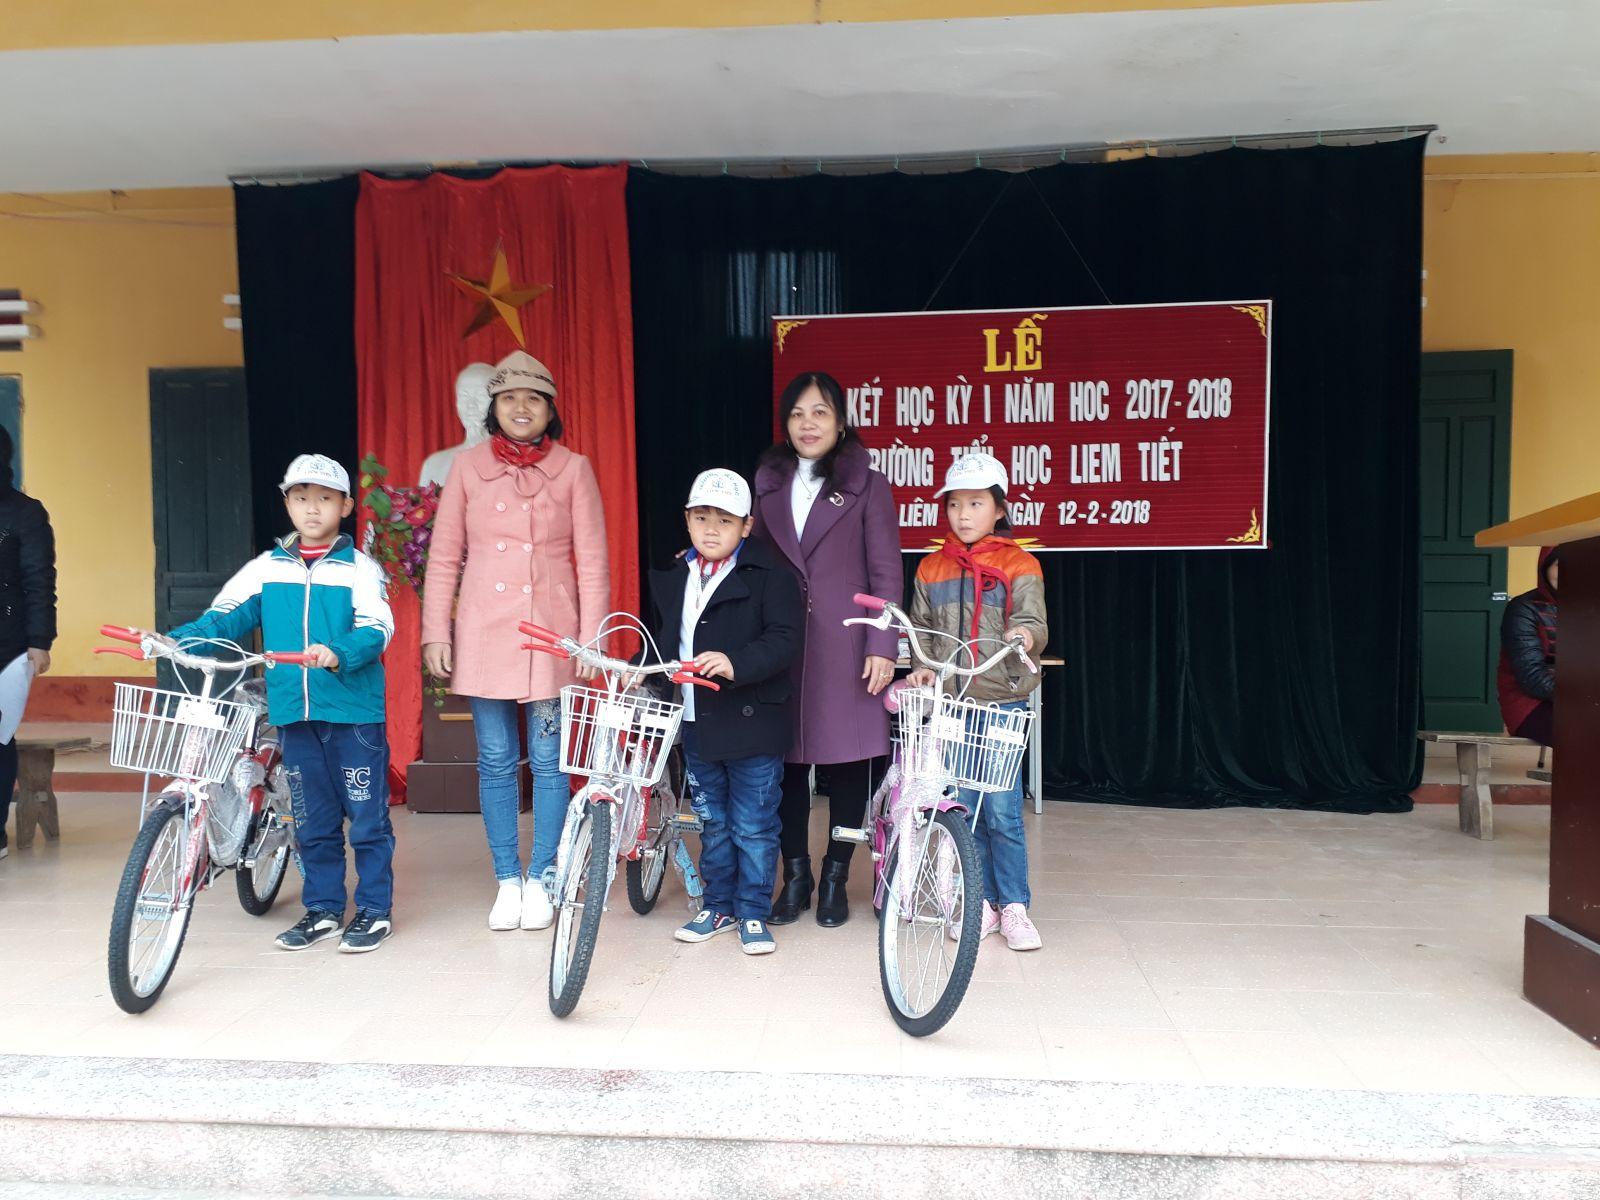 Cô Trần Thị Hồng Thắm trao quà chiếc xe đạp 1000 đ cho 3 học sinh có hoàn cảnh khó khăn vươn lên trong học tập